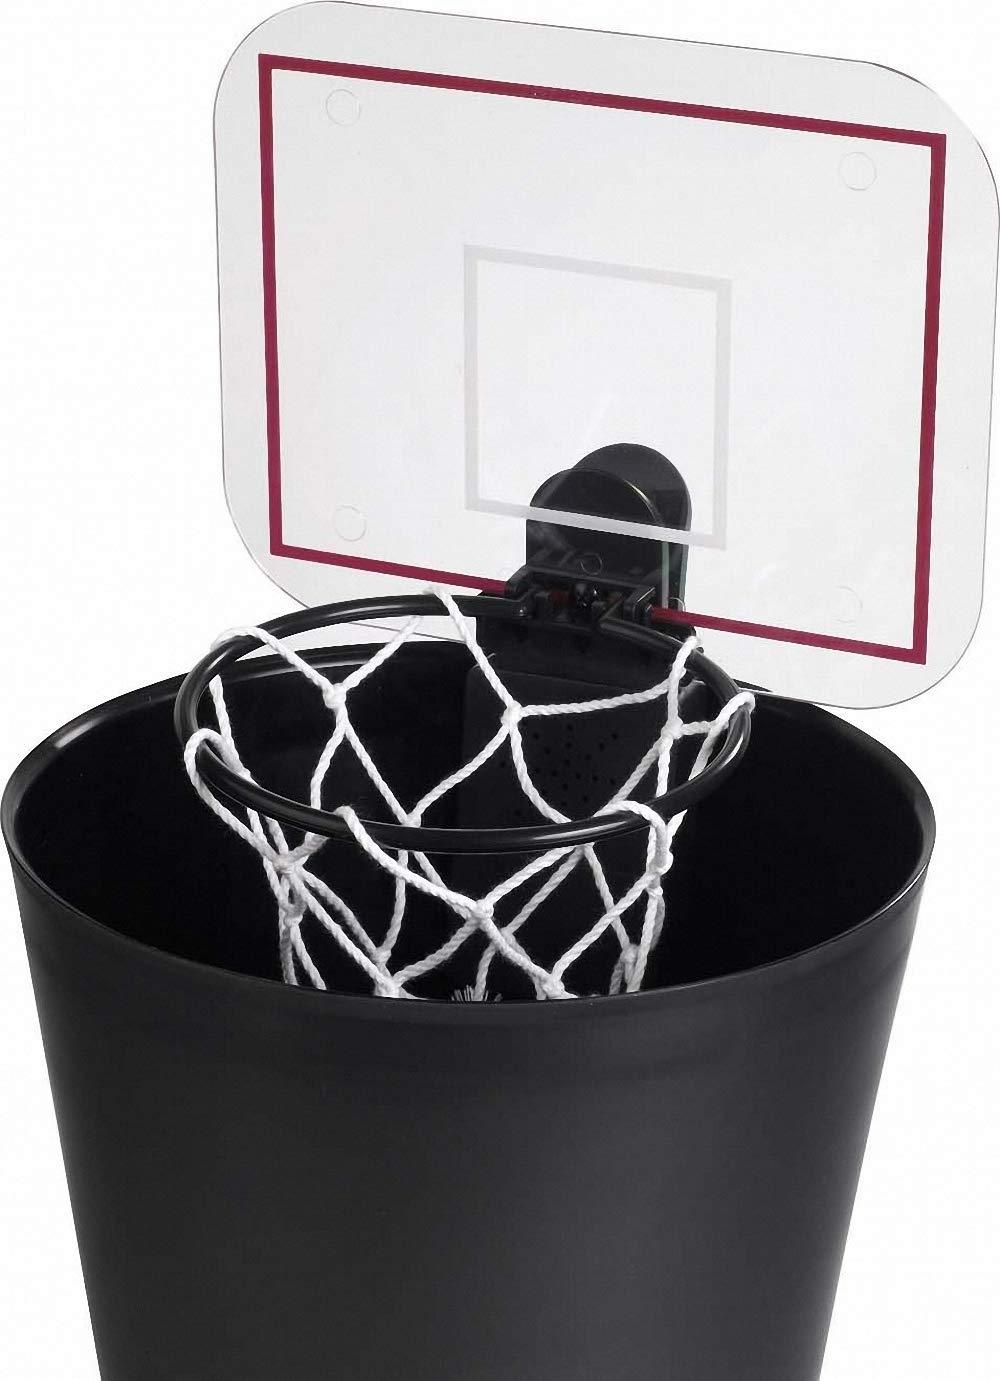 Comercial framan Canestro da Basket per pattumiera con Suono al Centesimo Ideale per casa e Ufficio Cestino da Basket per pattumiera